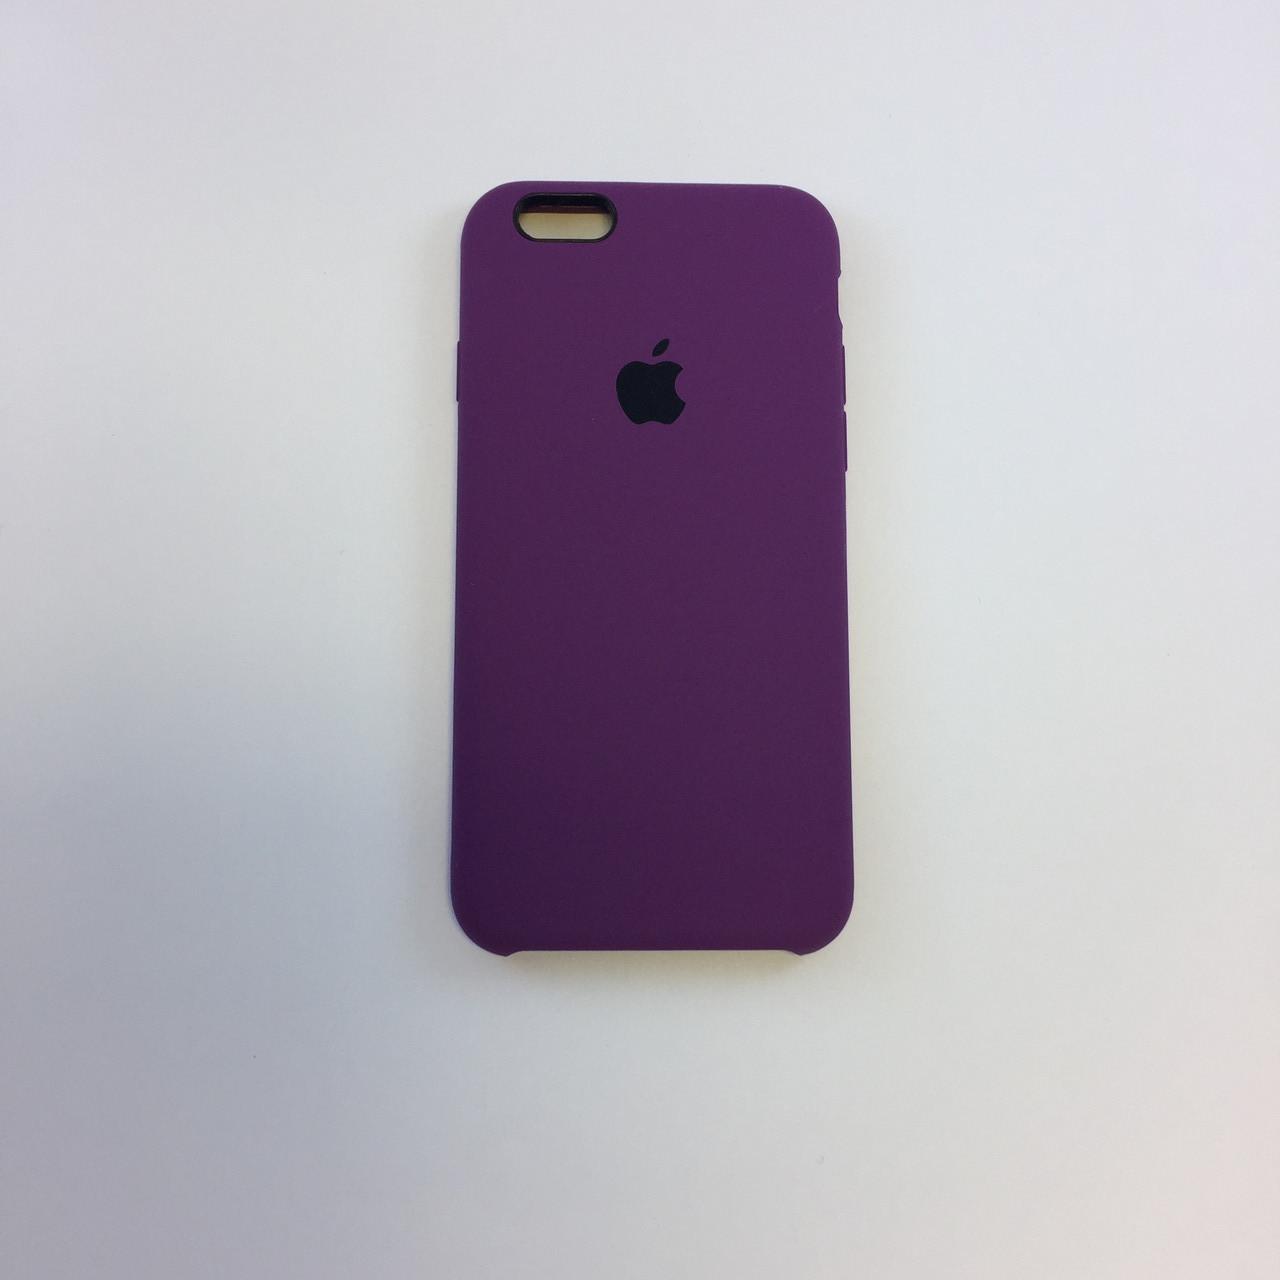 Силиконовый чехол iPhone 6/6s, пурпур, copy original